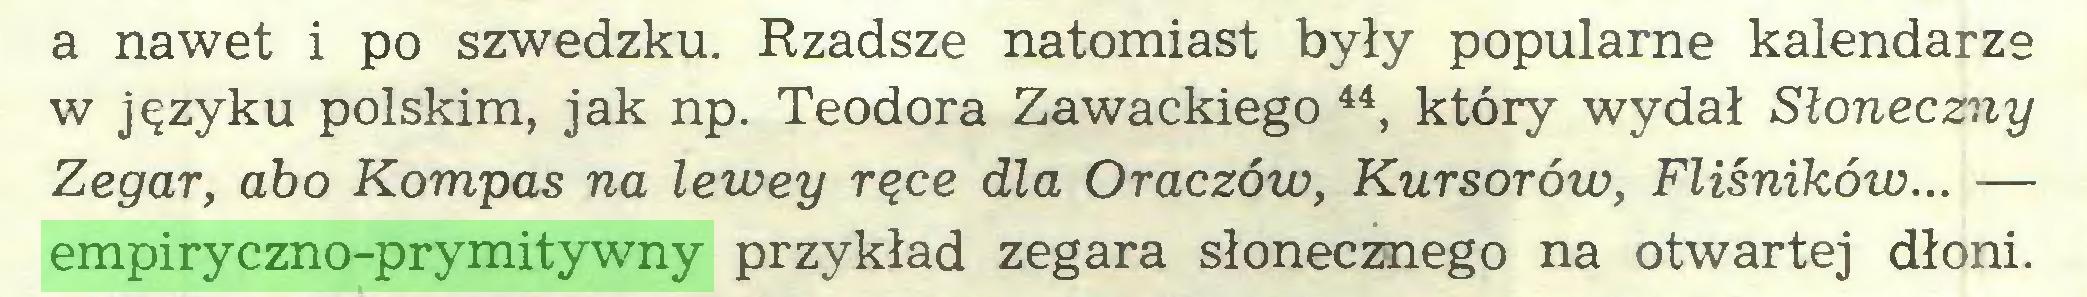 (...) a nawet i po szwedzku. Rzadsze natomiast były popularne kalendarze w języku polskim, jak np. Teodora Zawackiego 44, który wydał Słoneczny Zegar, abo Kompas na lewey ręce dla Oraczów, Kursorów, Fliśników... — empiryczno-prymitywny przykład zegara słonecznego na otwartej dłoni...